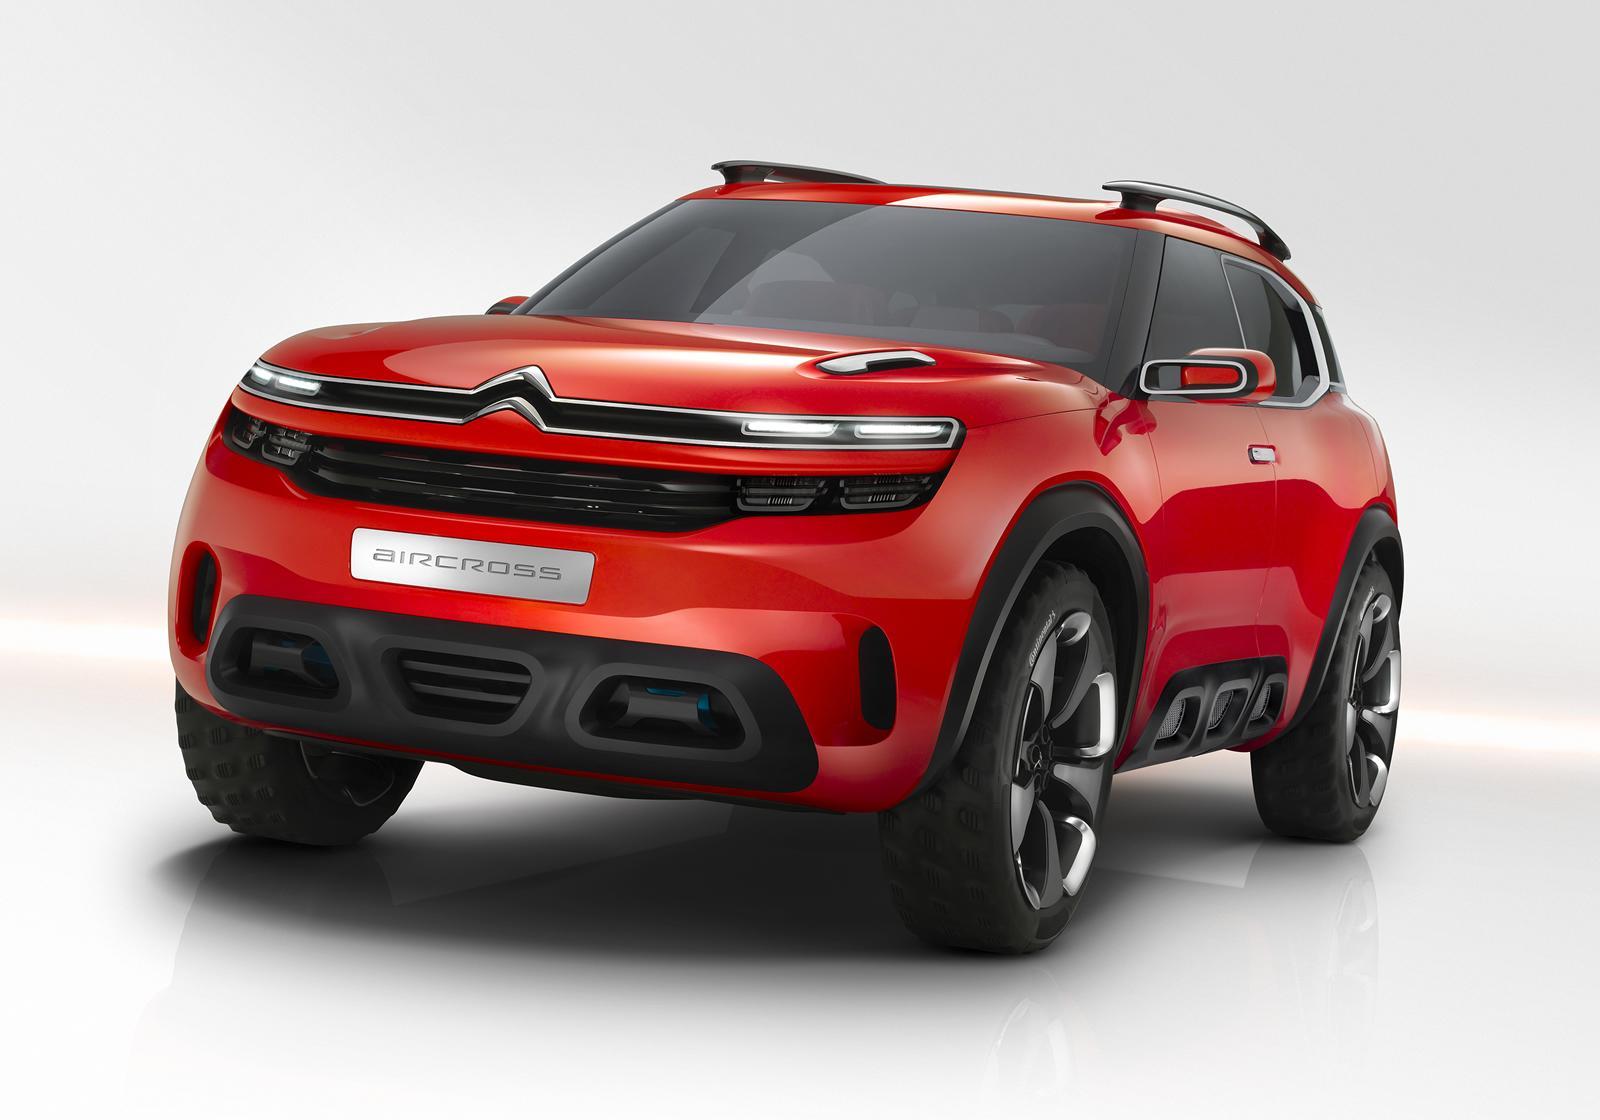 Citroen-Aircross-concept-2015-11